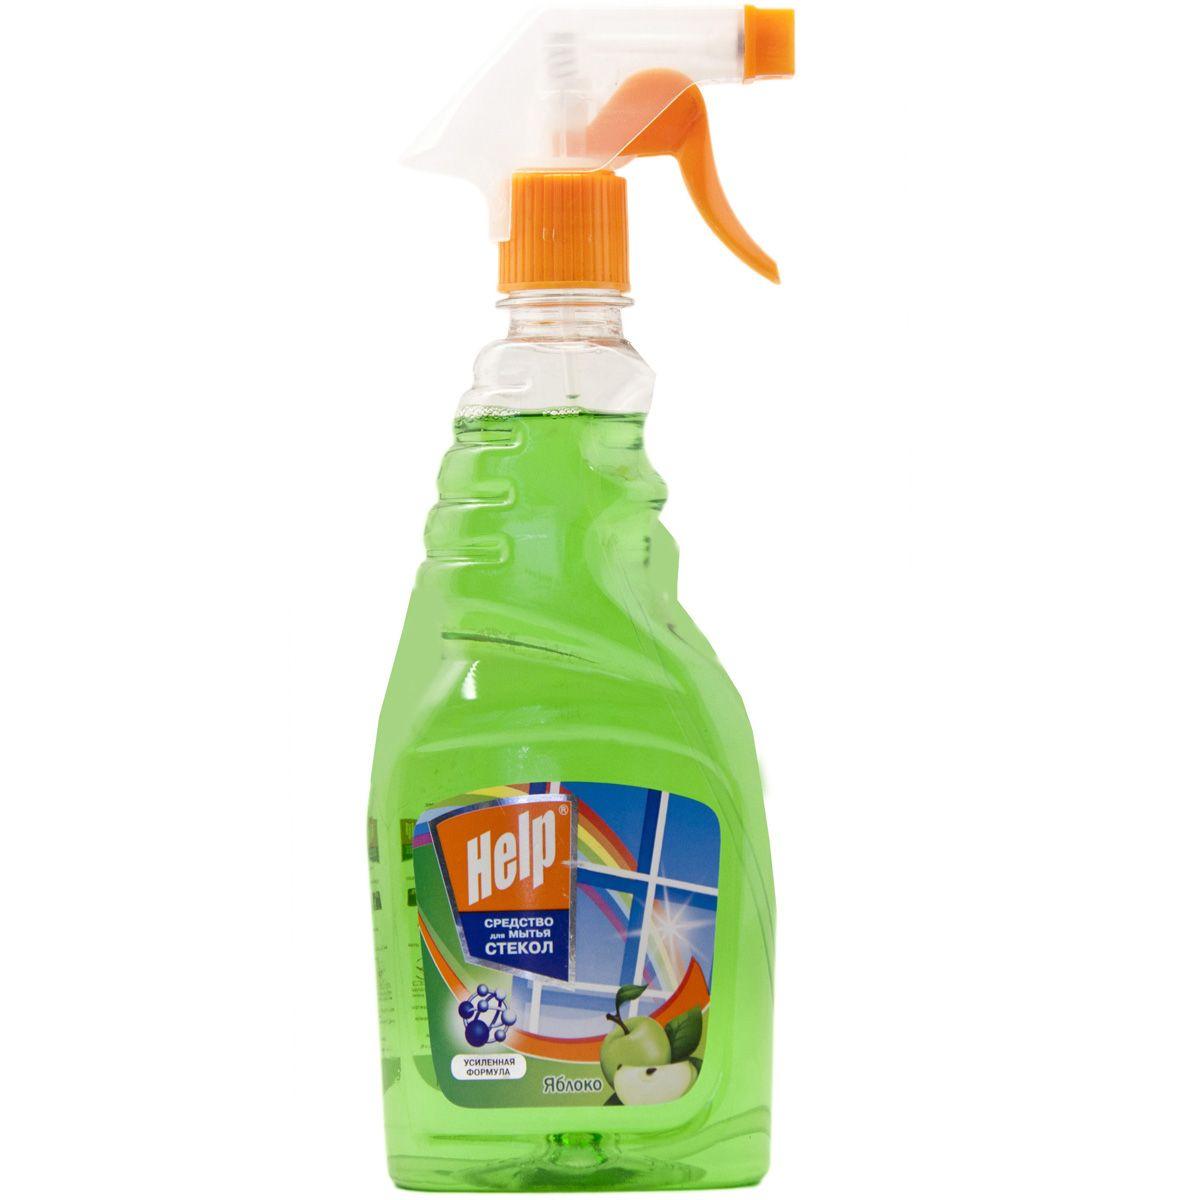 Средство для мытья стекол Help Яблоко, 750 мл391602Средство для мытья стекол Help Яблоко- это эффективное средство для мытья стекол, окон, зеркал. Удаляет пятна. Смывает грязь, следы от пальцев.Защищает от пыли и придает блеск. Не оставляет разводов.